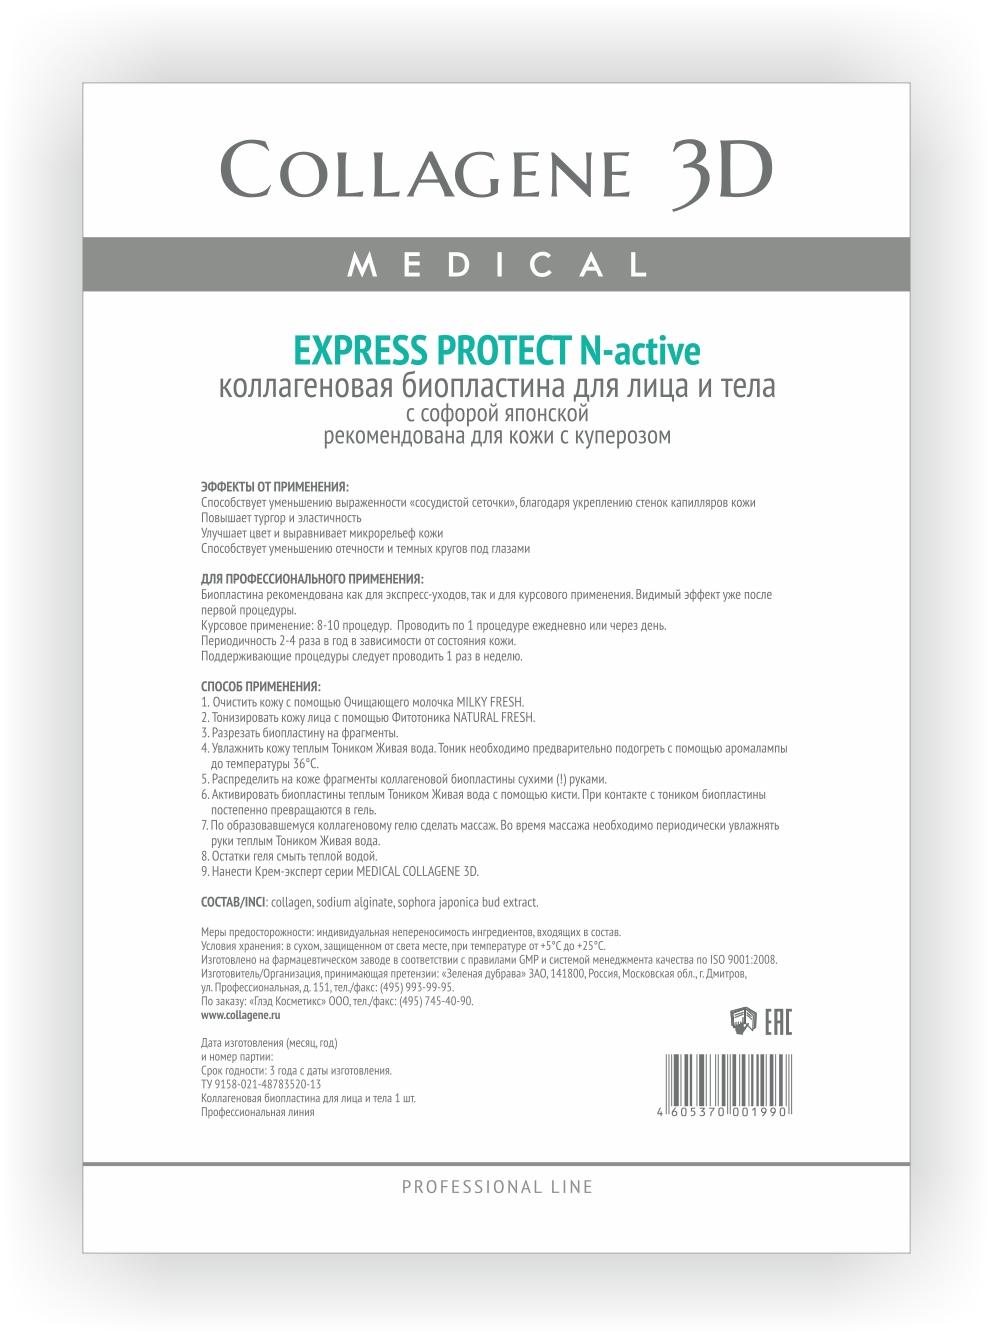 MEDICAL COLLAGENE 3D Биопластины коллагеновые с софорой японской для лица и тела Express Protect А4Маски<br>Растворимые биопластины активируются тоником AQUA VITA и подходят для ухода с применением массажных техник. В экстракте Софоры японской содержится рутин (до 30%), который является мощным природным антиоксидантом, укрепляет стенки сосудов. Нативный трехспиральный коллаген дополняет уход, обеспечивая омолаживающий эффект. Для тщательной проработки параорбитальной области можно применять биопластины в форме патчей под глаза. Активные ингредиенты: нативный трехспиральный коллаген, экстракт софоры японской. Способ применения: разрезать биопластину на фрагменты. Очистить и протонизировать предполагаемую область нанесения, увлажнить кожу теплым тоником-активатором AQUA VITA. Тоник необходимо предварительно подогреть с помощью аромалампы до температуры 36 С. Сухими руками распределить на коже фрагменты биопластины, активировать теплым тоником-активатором AQUAVITA с помощью кисти. При контакте с тоником биопластины постепенно превращаются в гель. По образовавшемуся коллагеновому гелю сделать массаж, периодически увлажняя руки теплым тоником-активатором AQUA VITA. Остатки геля смыть теплой водой. Приступить к следующим этапам процедуры ухода.<br><br>Типы кожи: Чувствительная